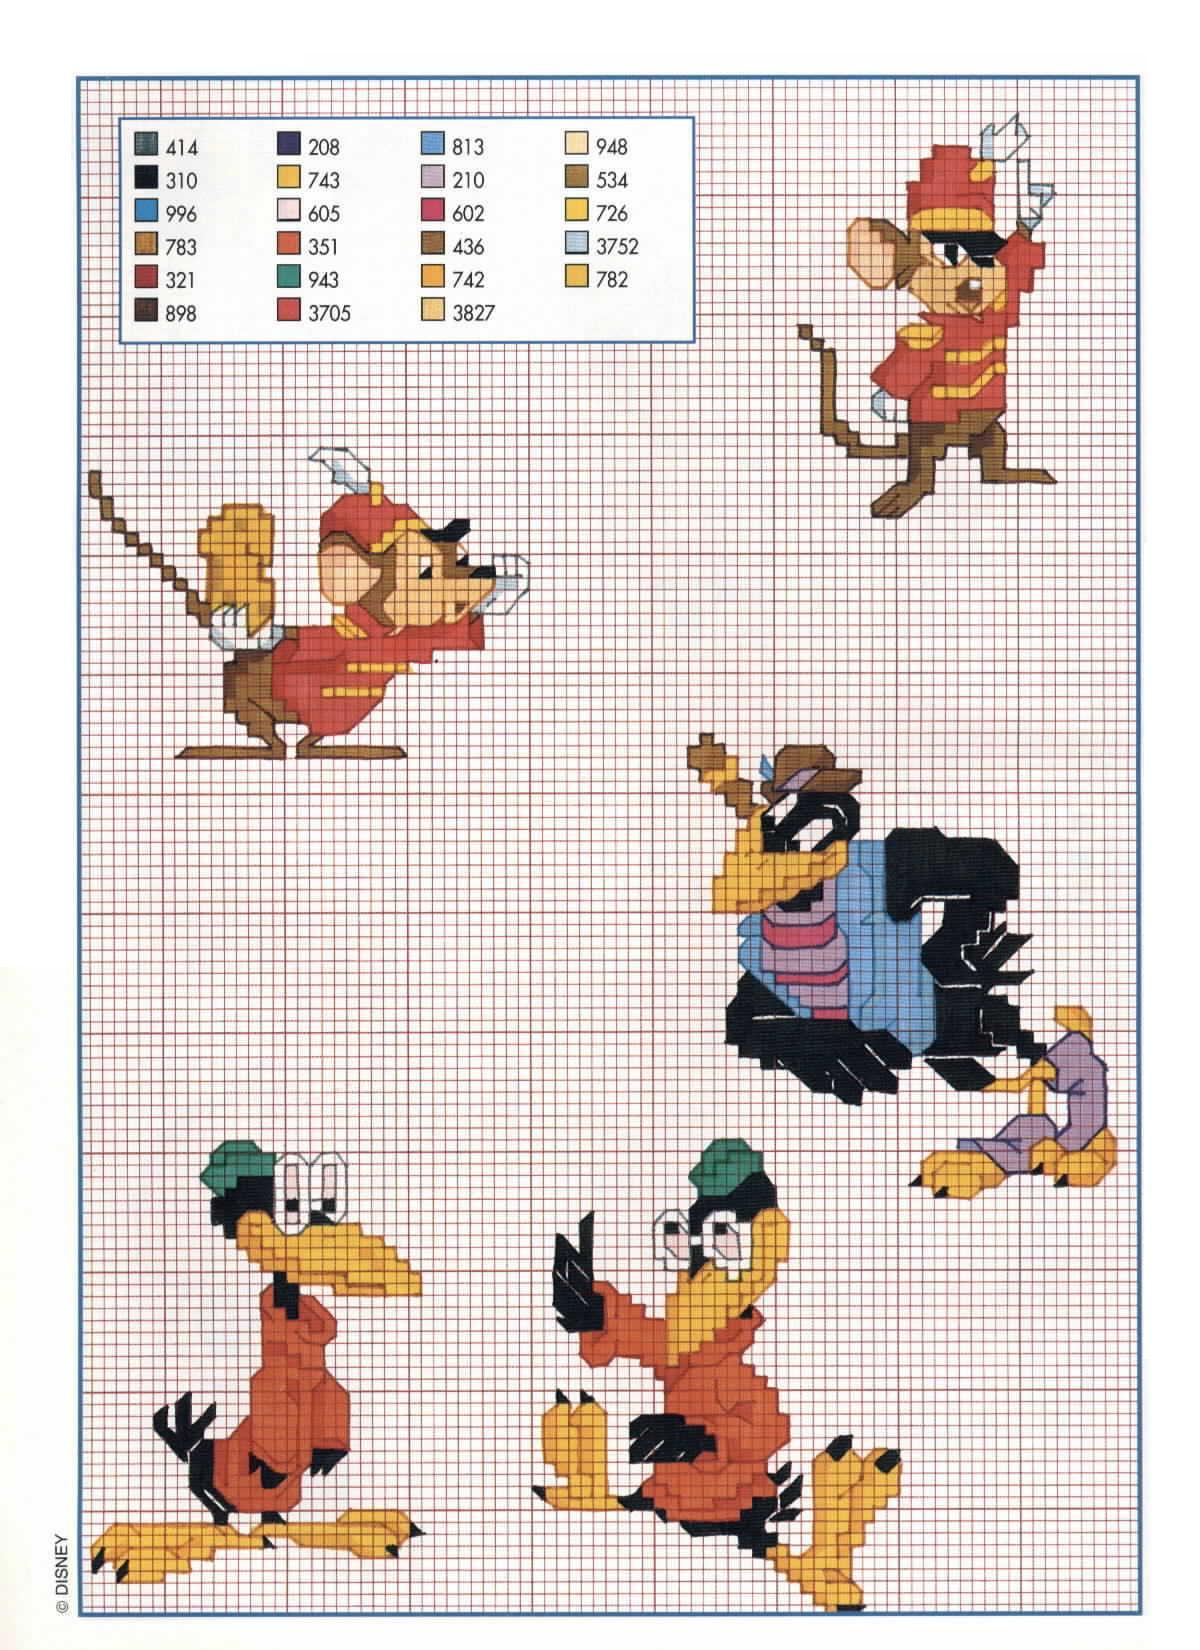 Il topo timoteo amico di dumbo punto for Disney punto croce schemi gratis